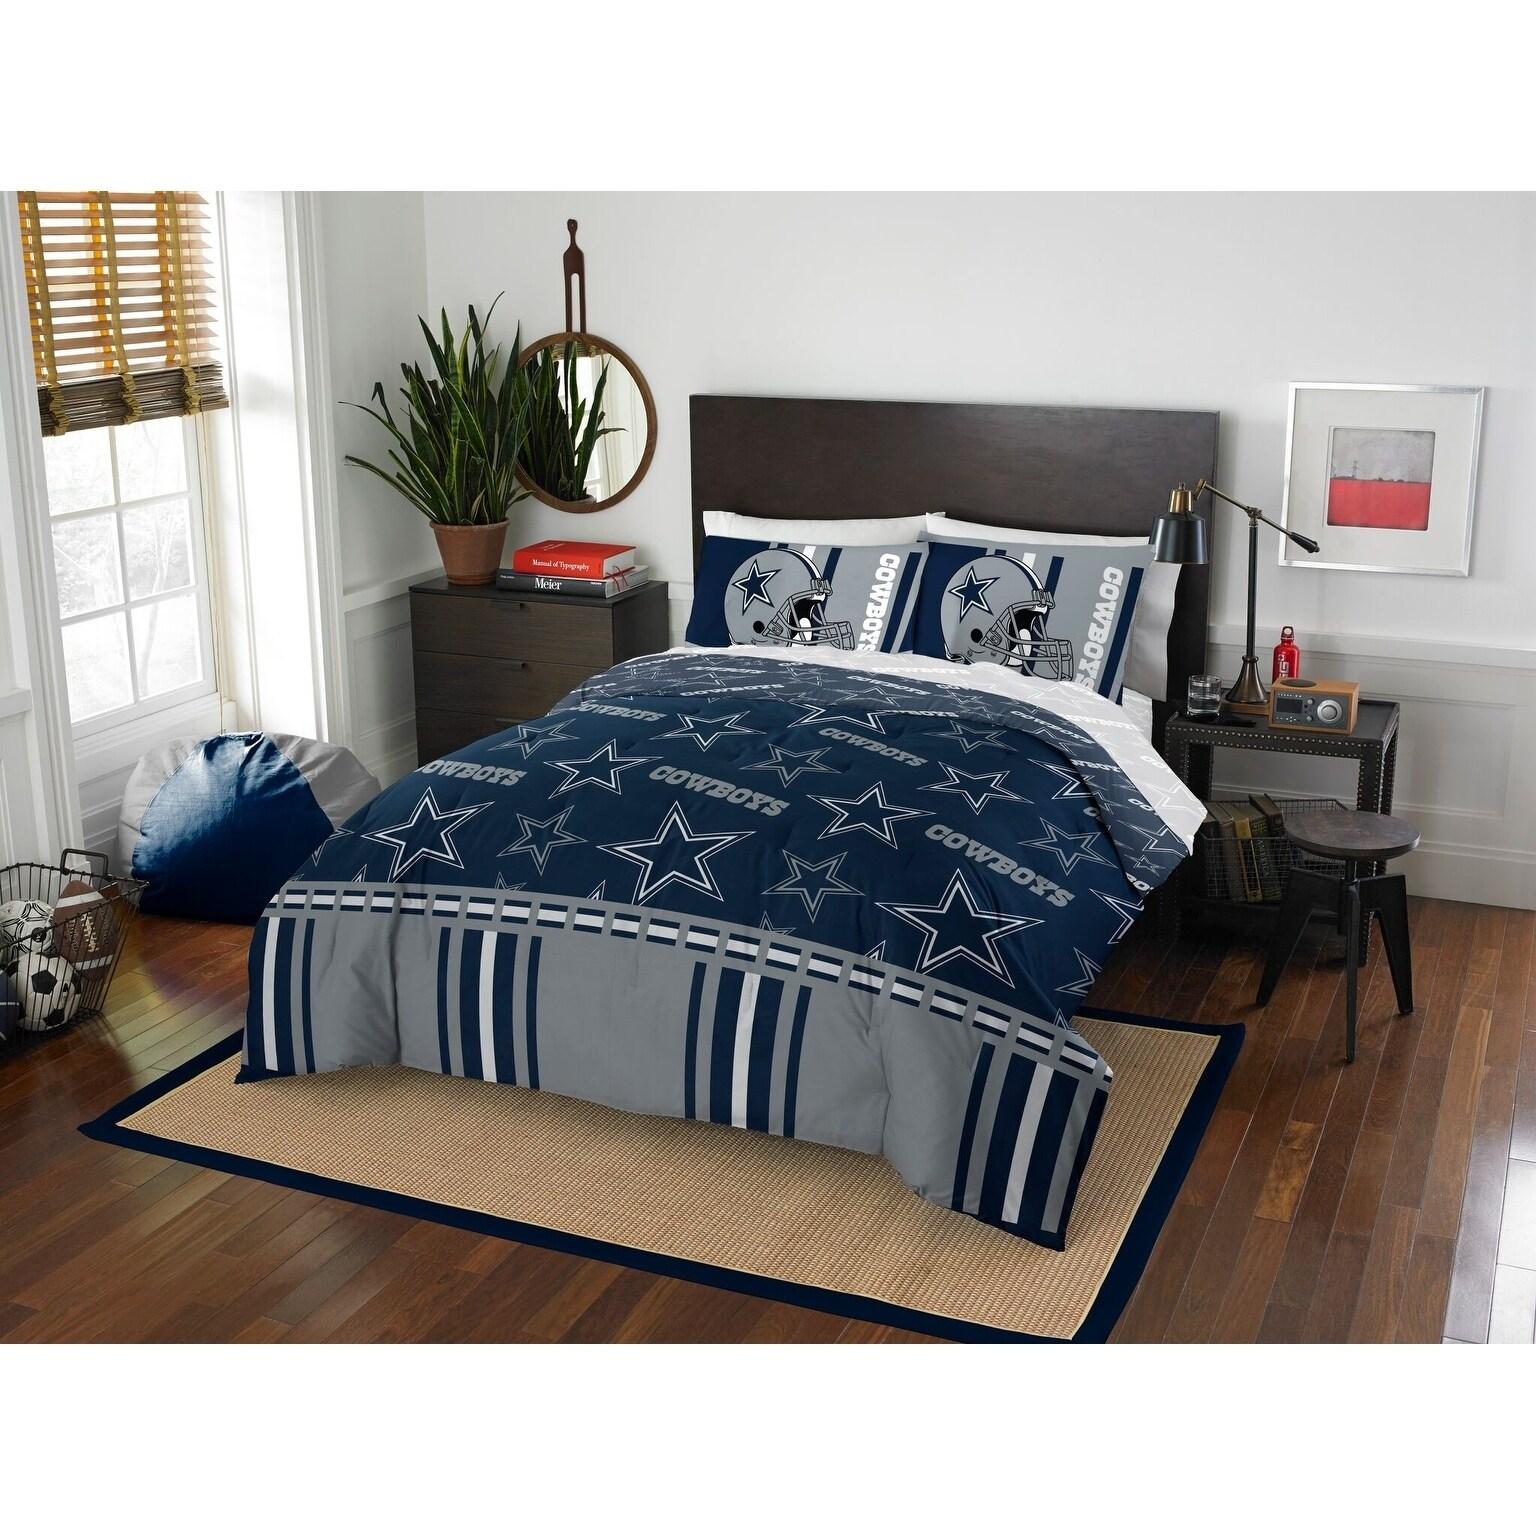 Nfl 875 Dallas Cowboys Queen Bed